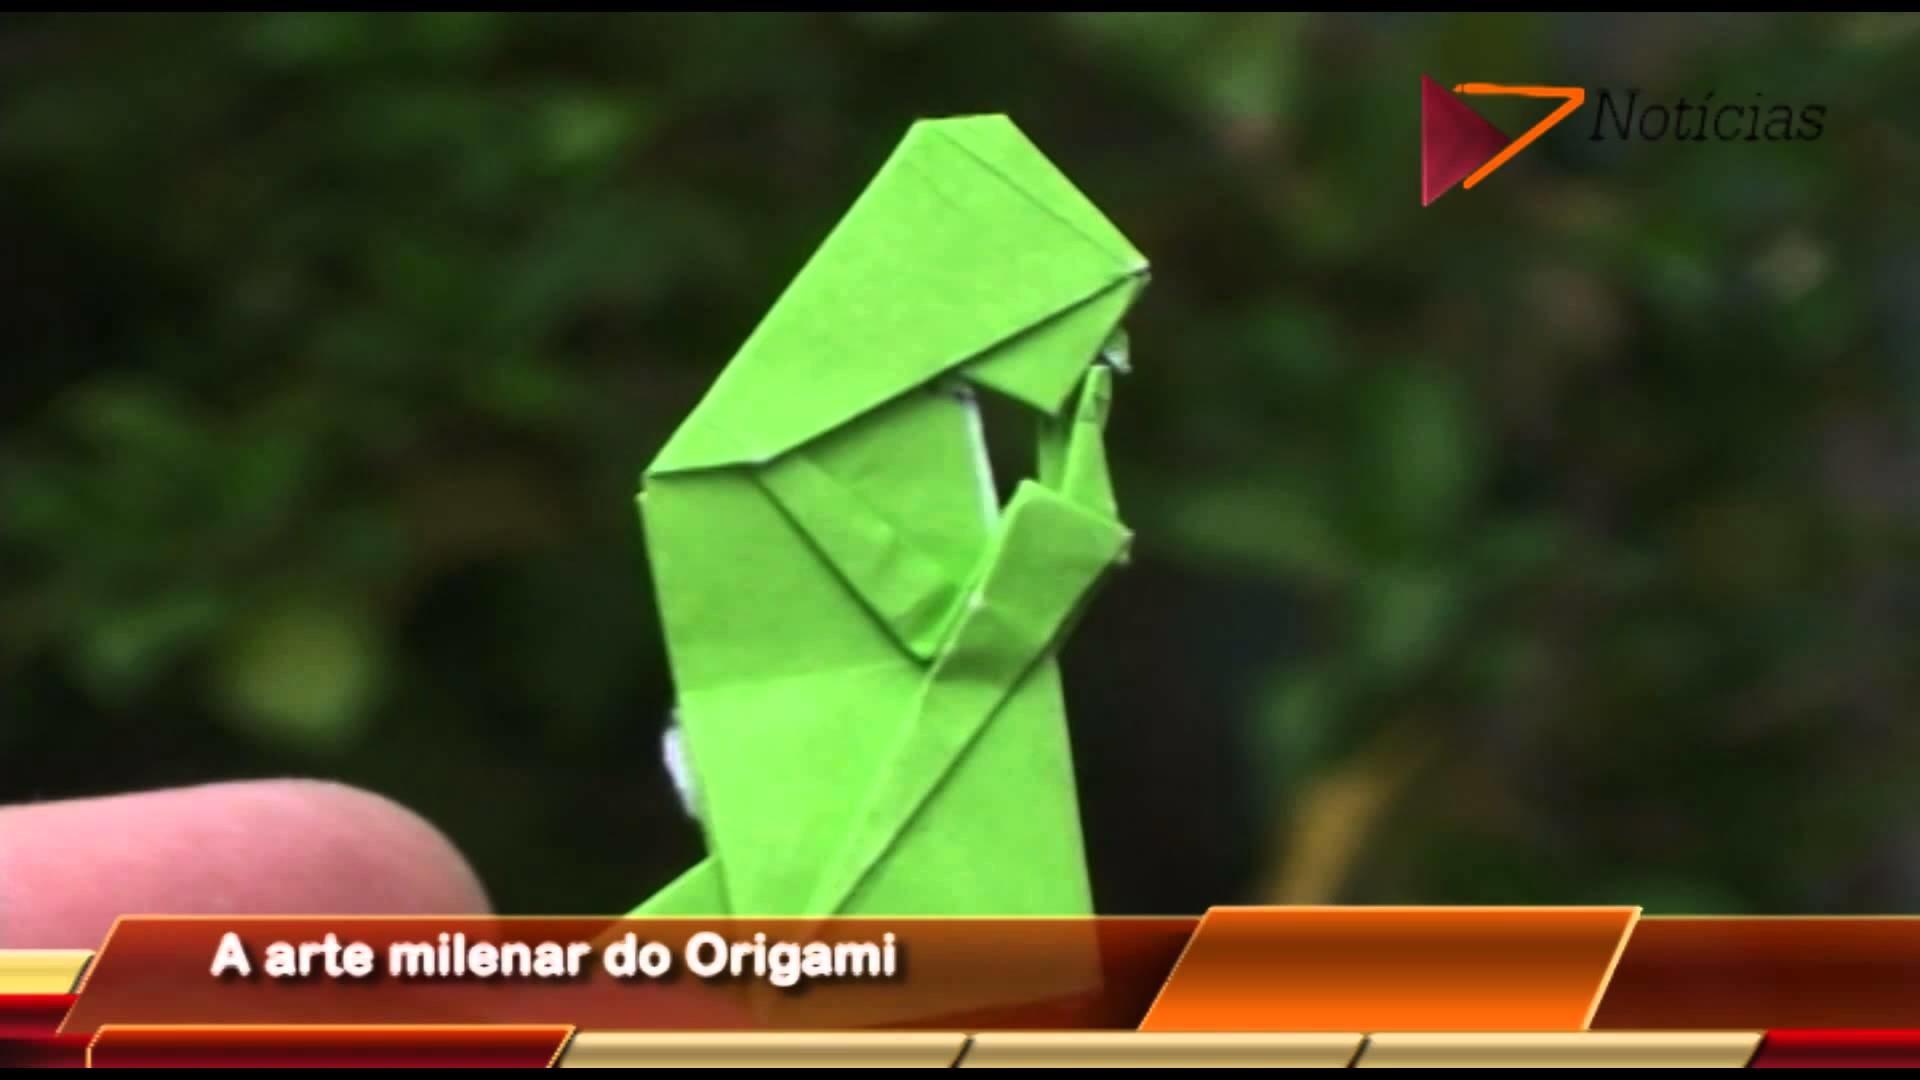 A arte milenar do Origami